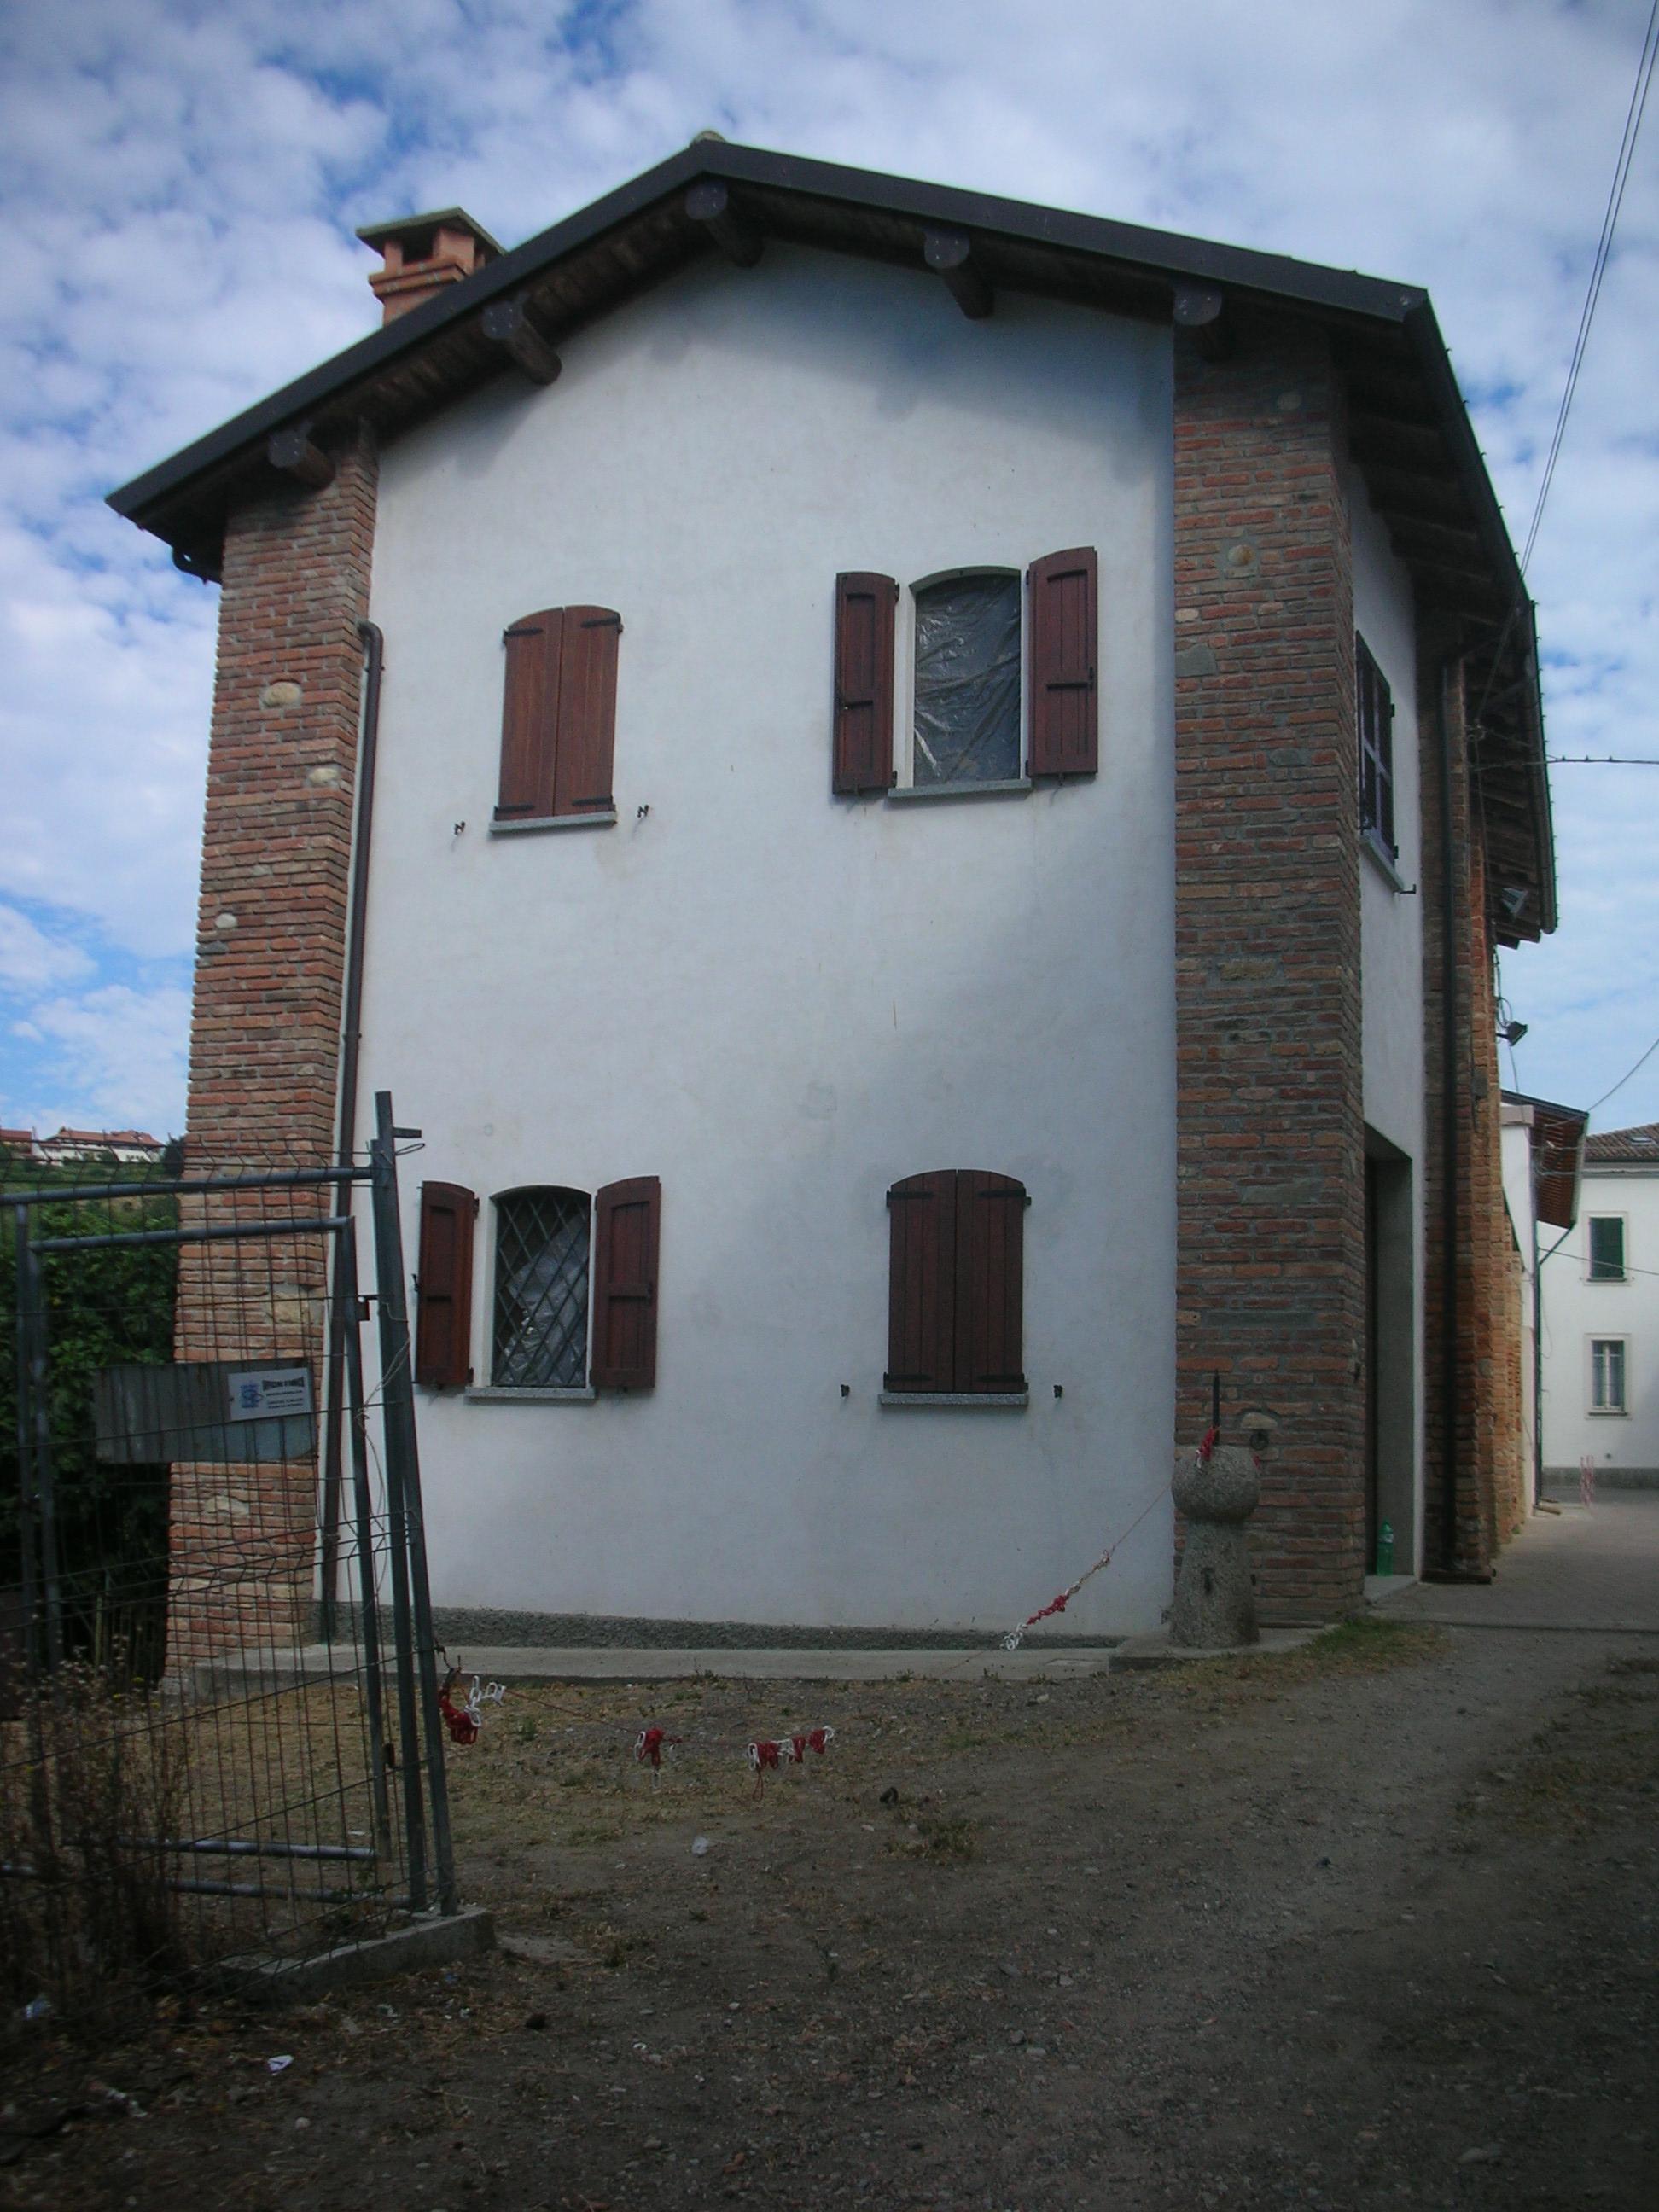 Stradella pv casa di campagna da ristrutturare con for Ristrutturare casa campagna